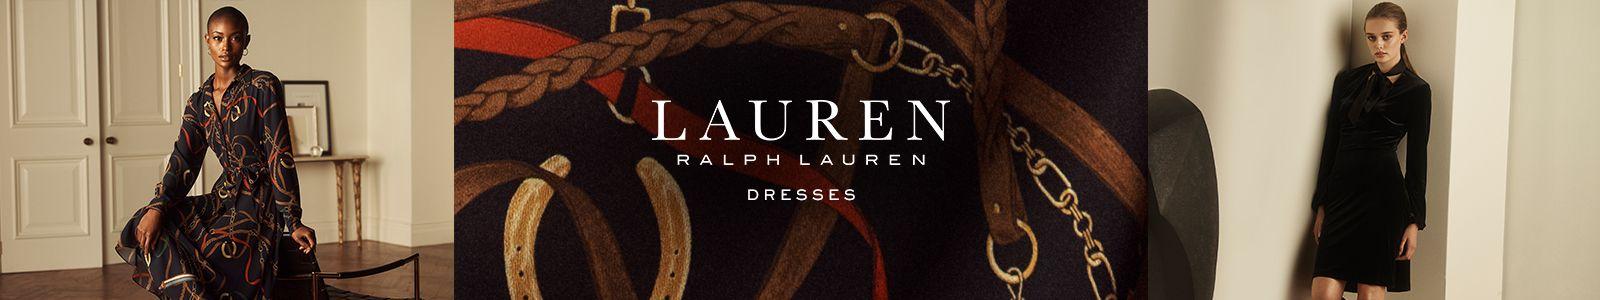 Lauren, Ralph Lauren, Dresses